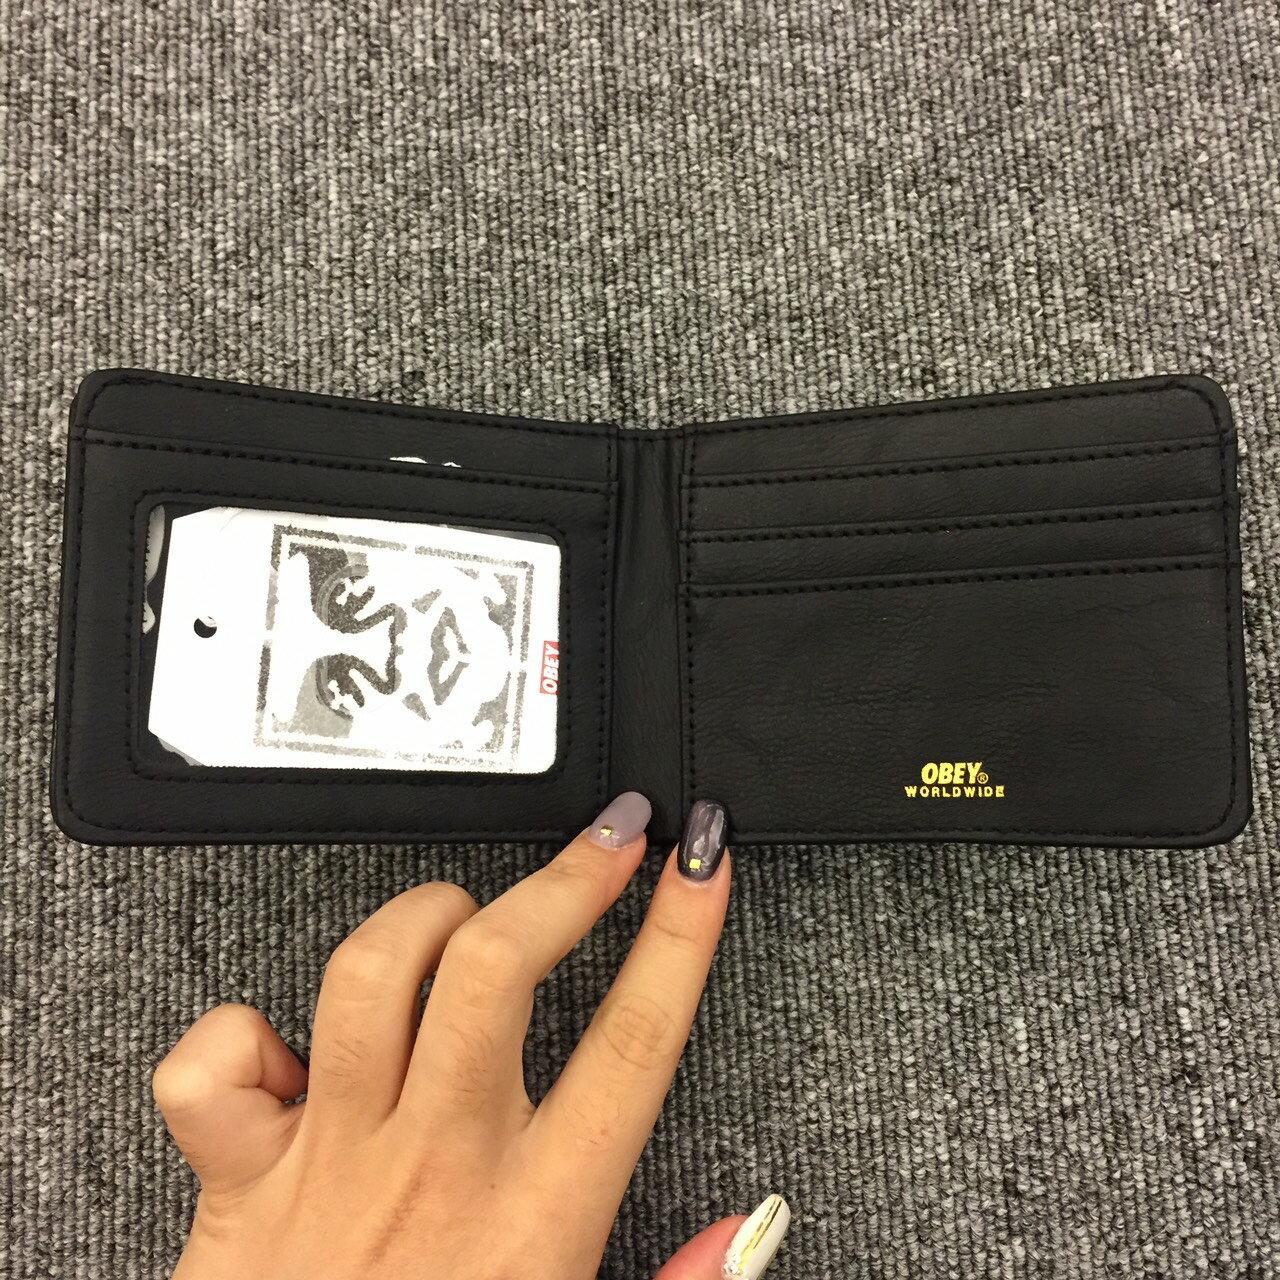 BEETLE PLUS 西門町經銷 美國品牌 OBEY GENTRY BI-FOLD WALLET 全黑 皮夾 短夾 100310070BLK OB-405 1